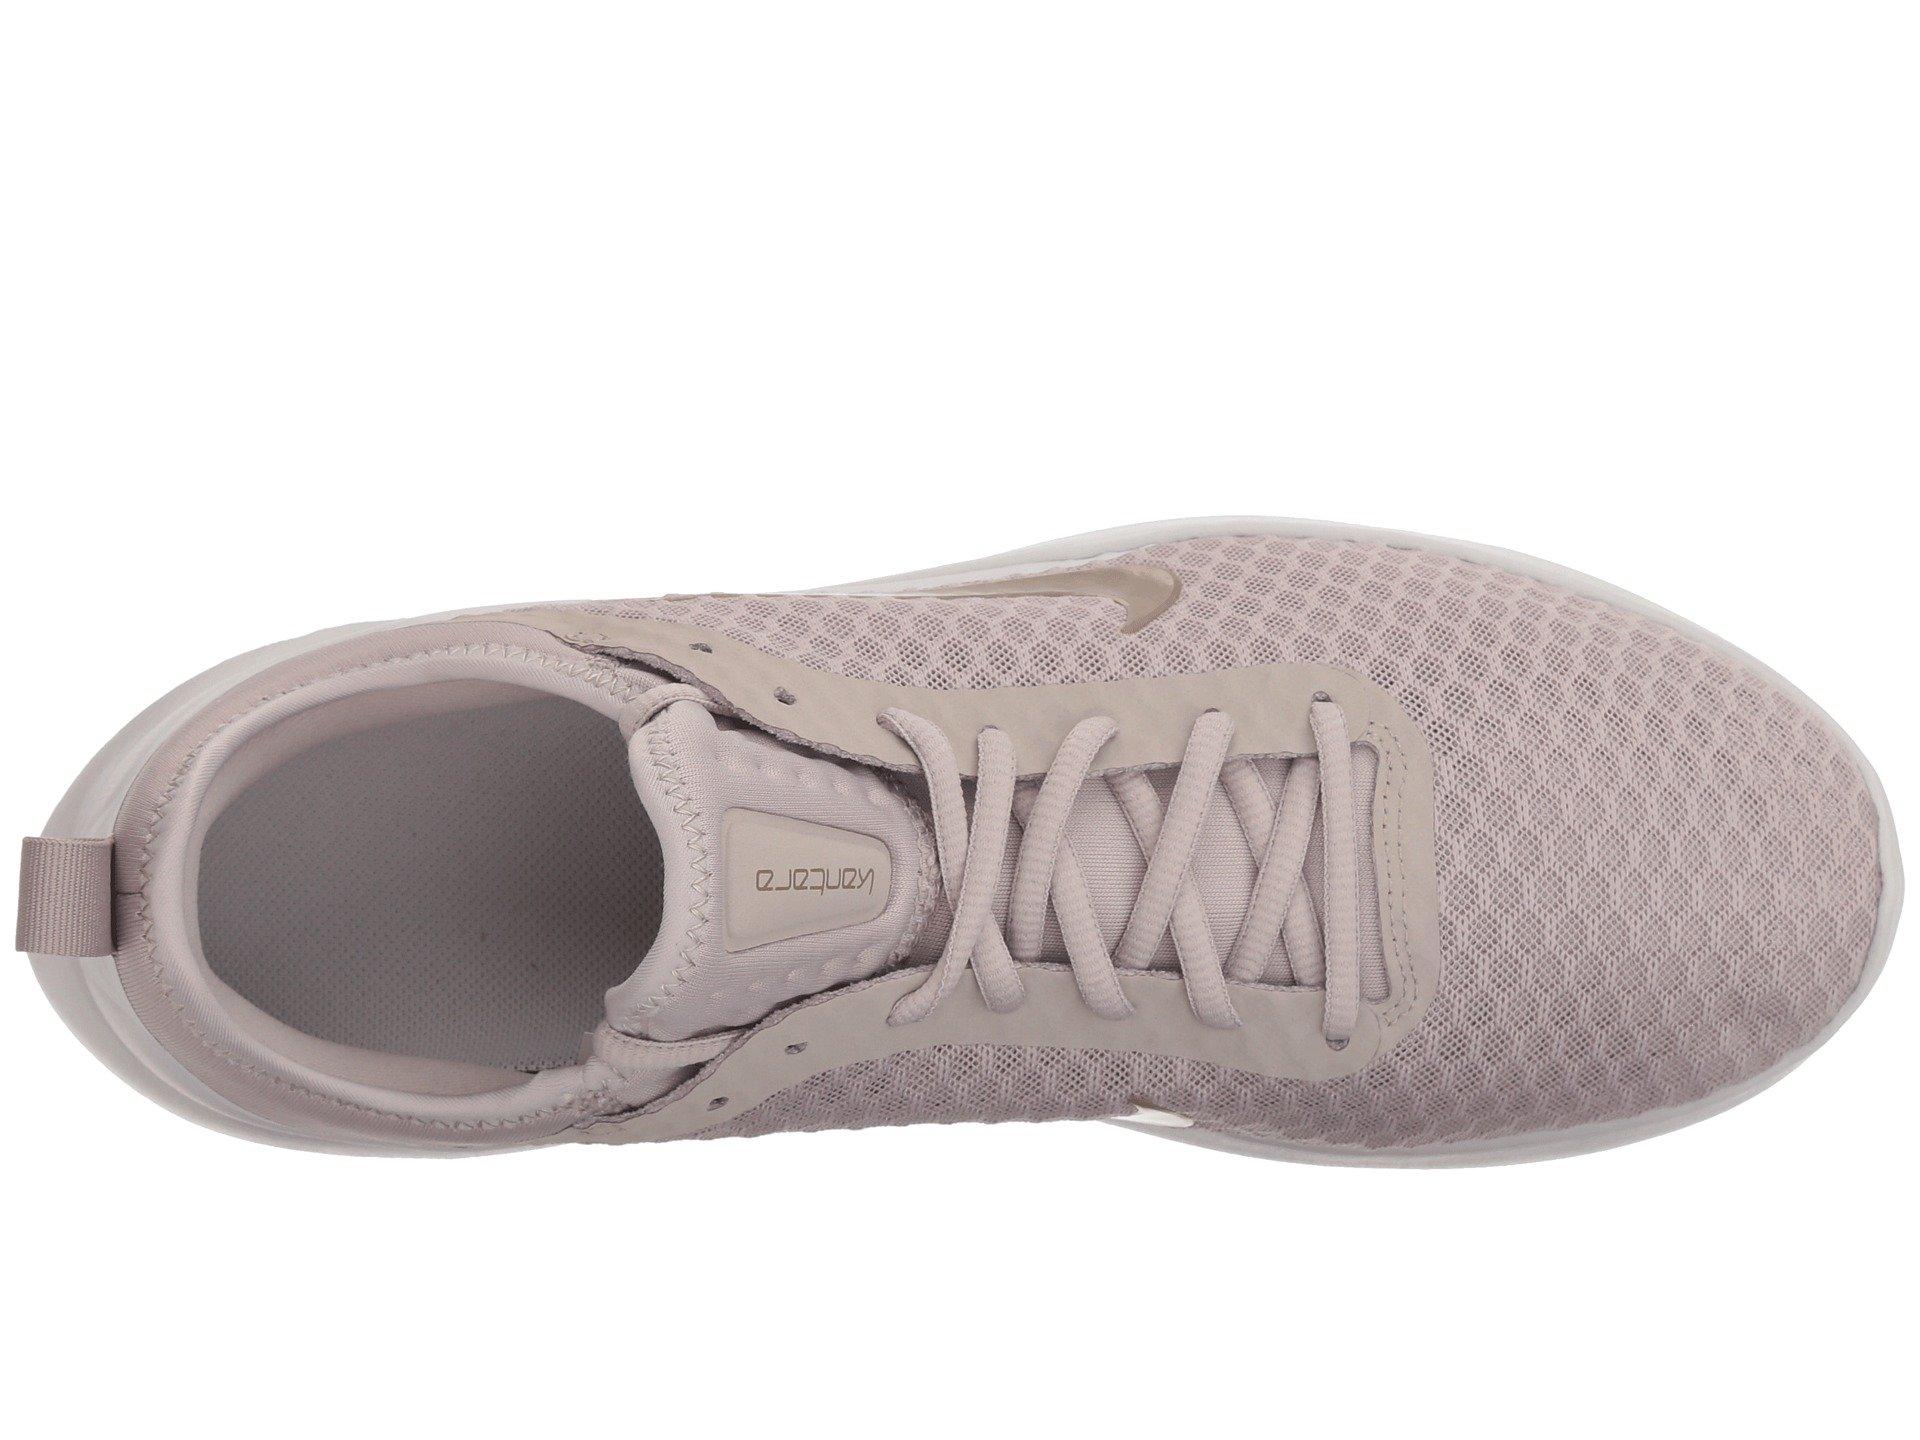 Olivgrün Nike Roshe Zwei Flyknit Socken Räumungsverkauf Oval ... 399f3b9206